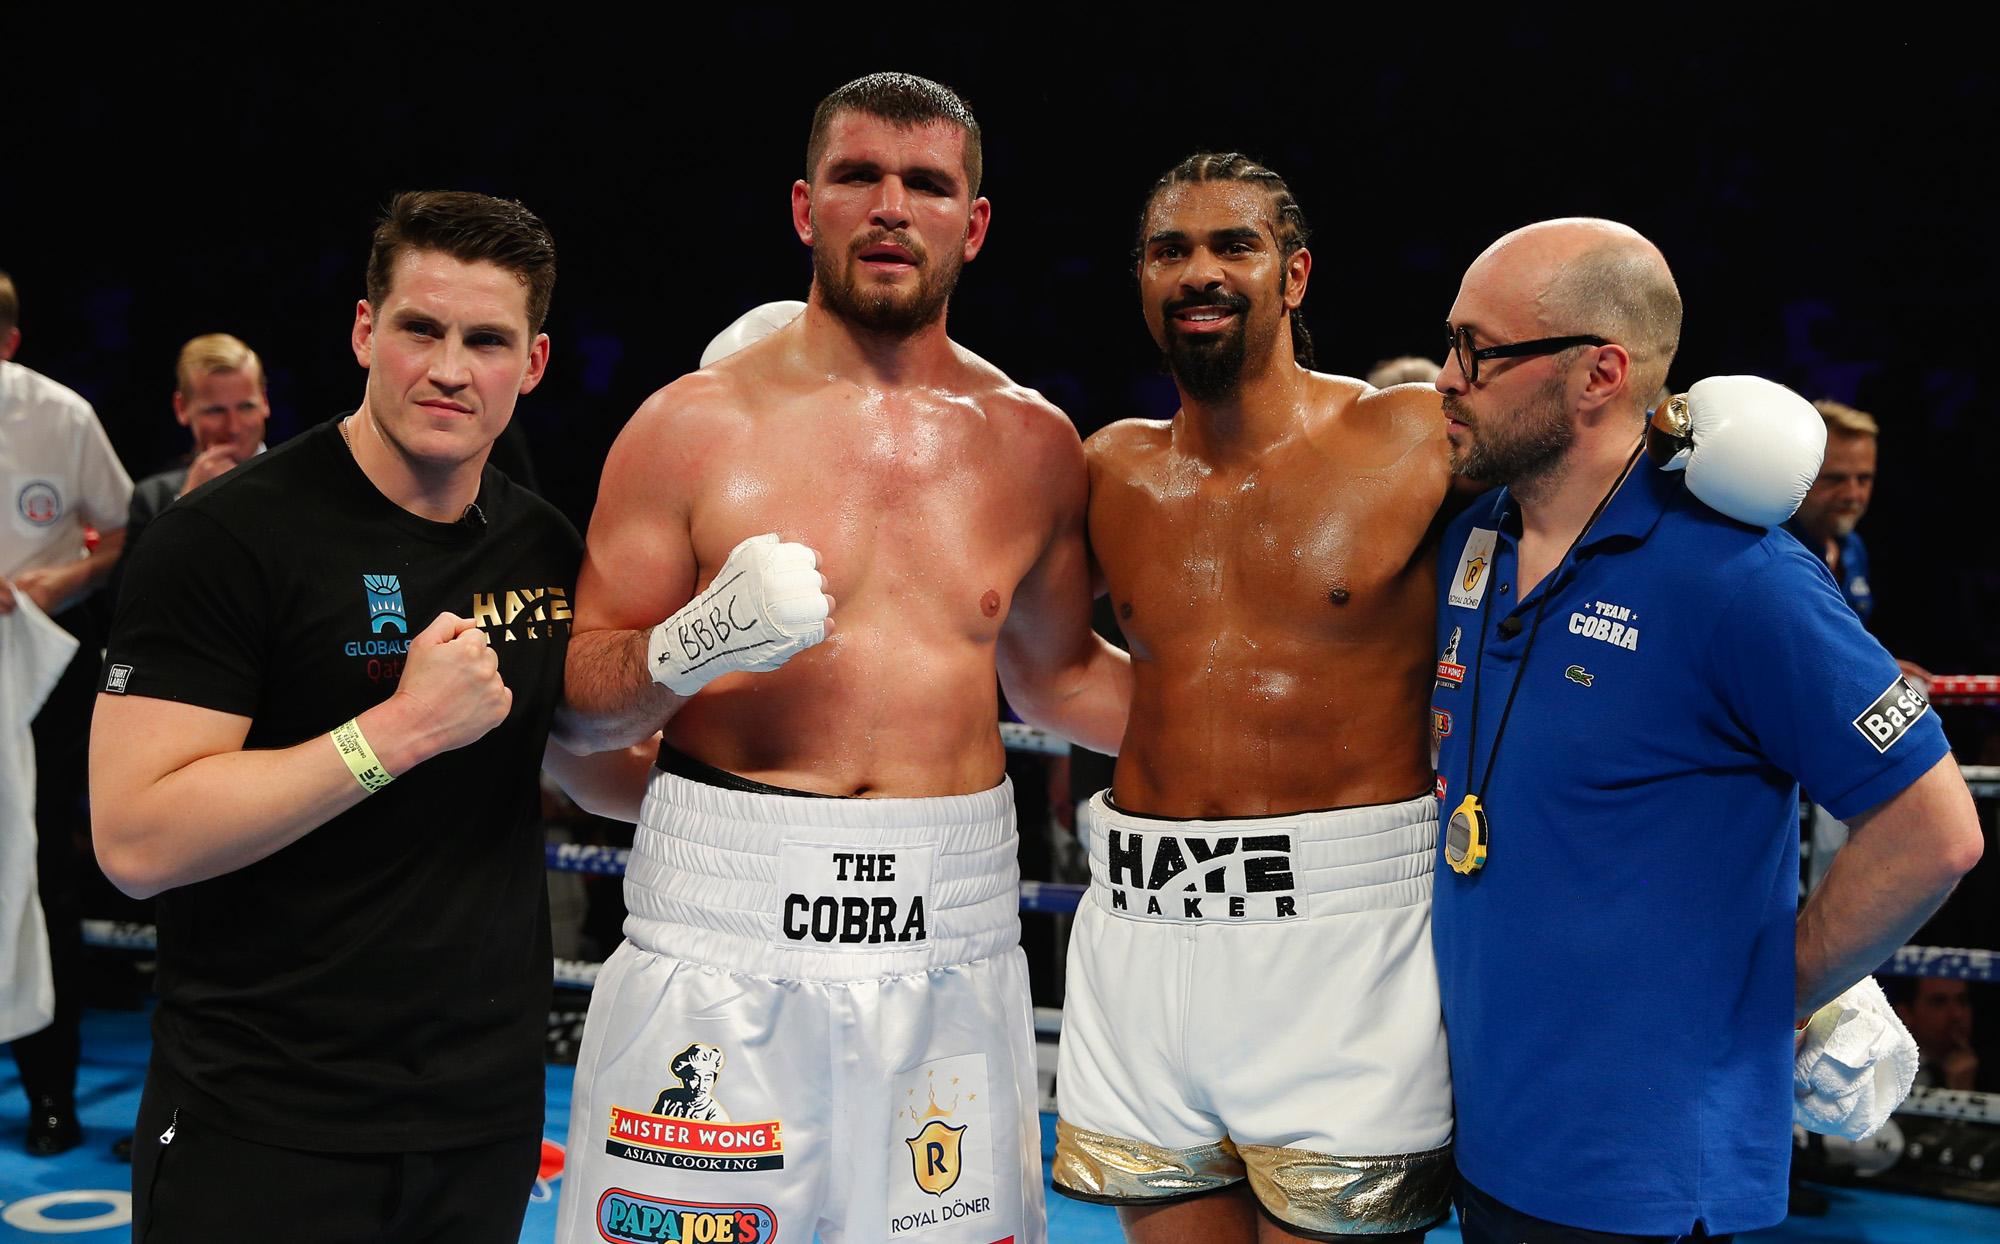 Die beiden Boxer posieren mit ihren beiden Trainern: Shane McGuigan undAngelo Gallina.